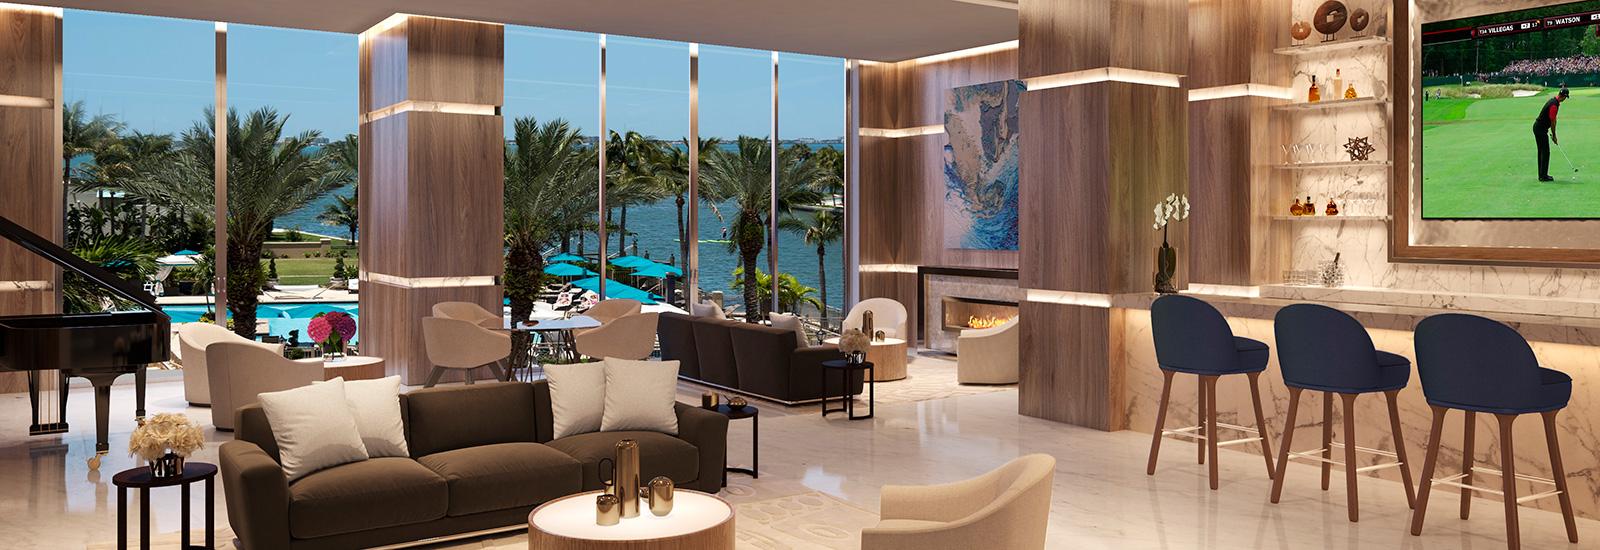 1600x550-Grande-lounge.jpg